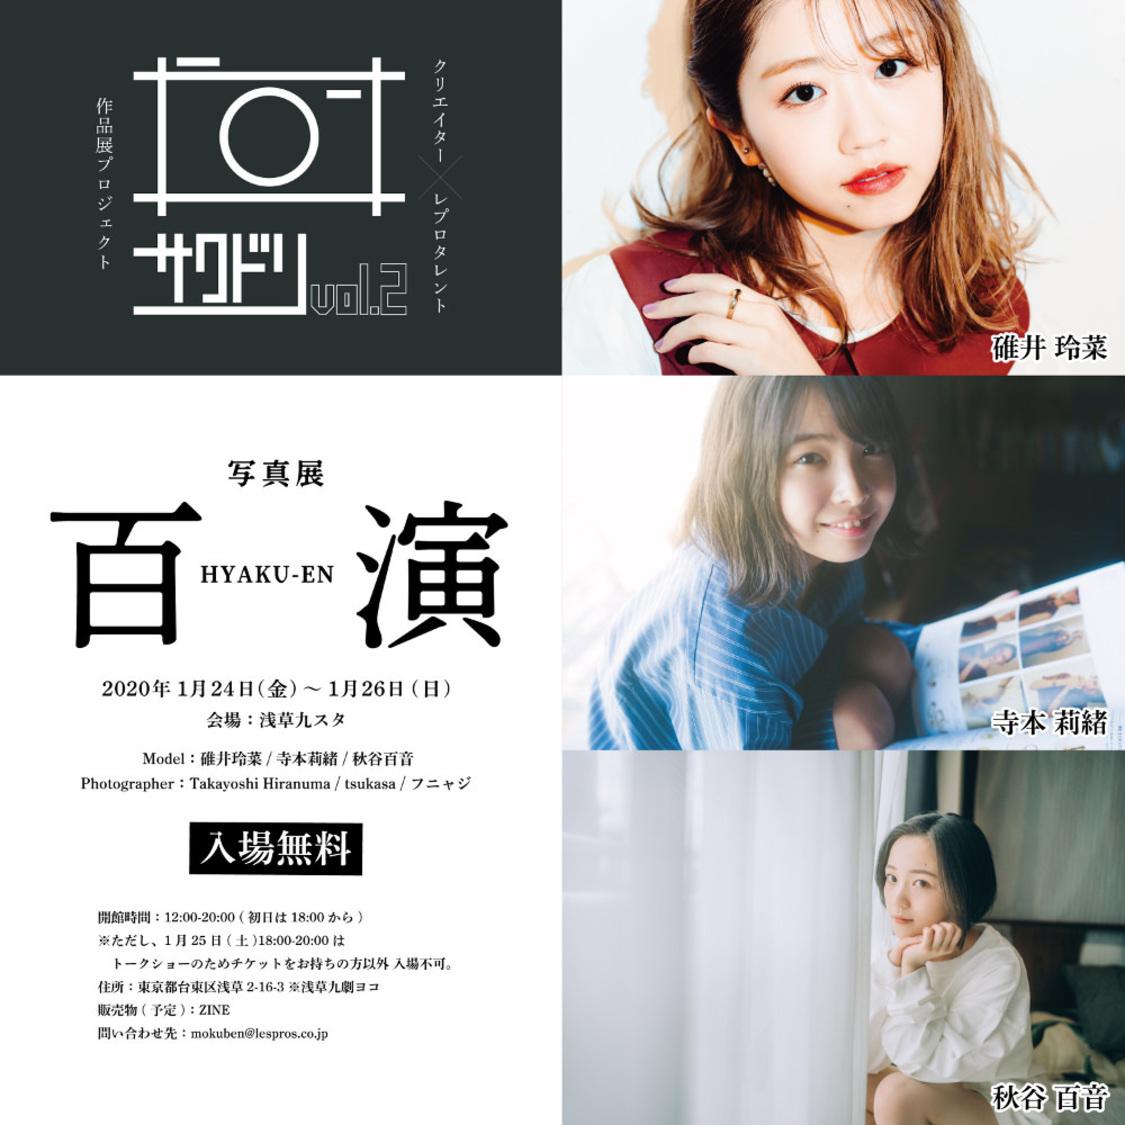 碓井玲菜・寺本莉緒・秋谷百音、何でもアリの写真展<サクドリ>モデル出演決定!